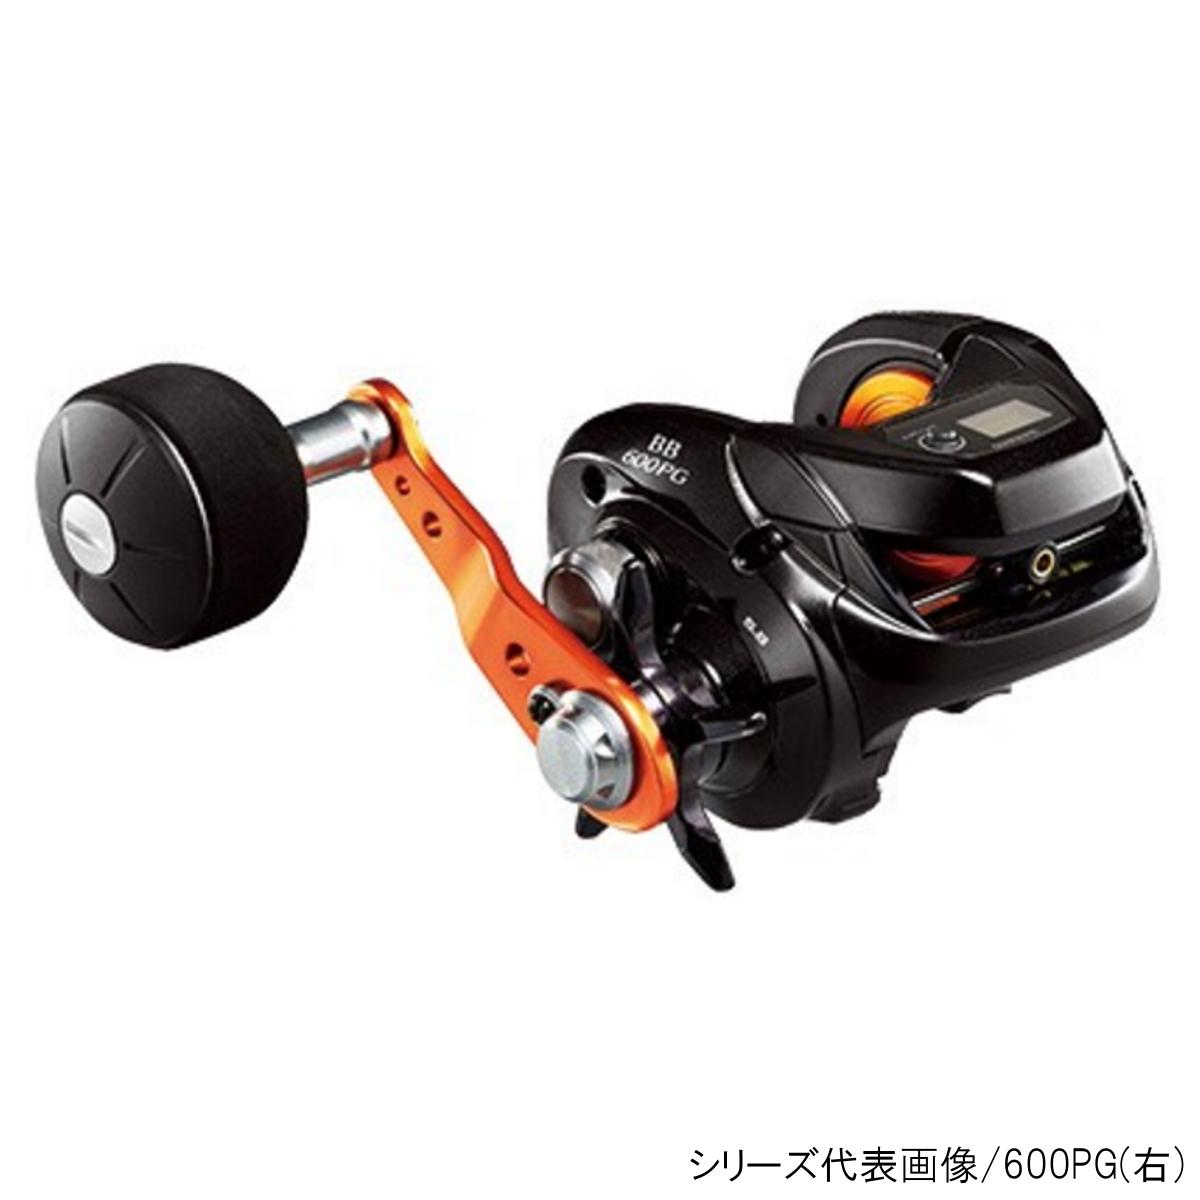 シマノ バルケッタ BB 600HG(右)